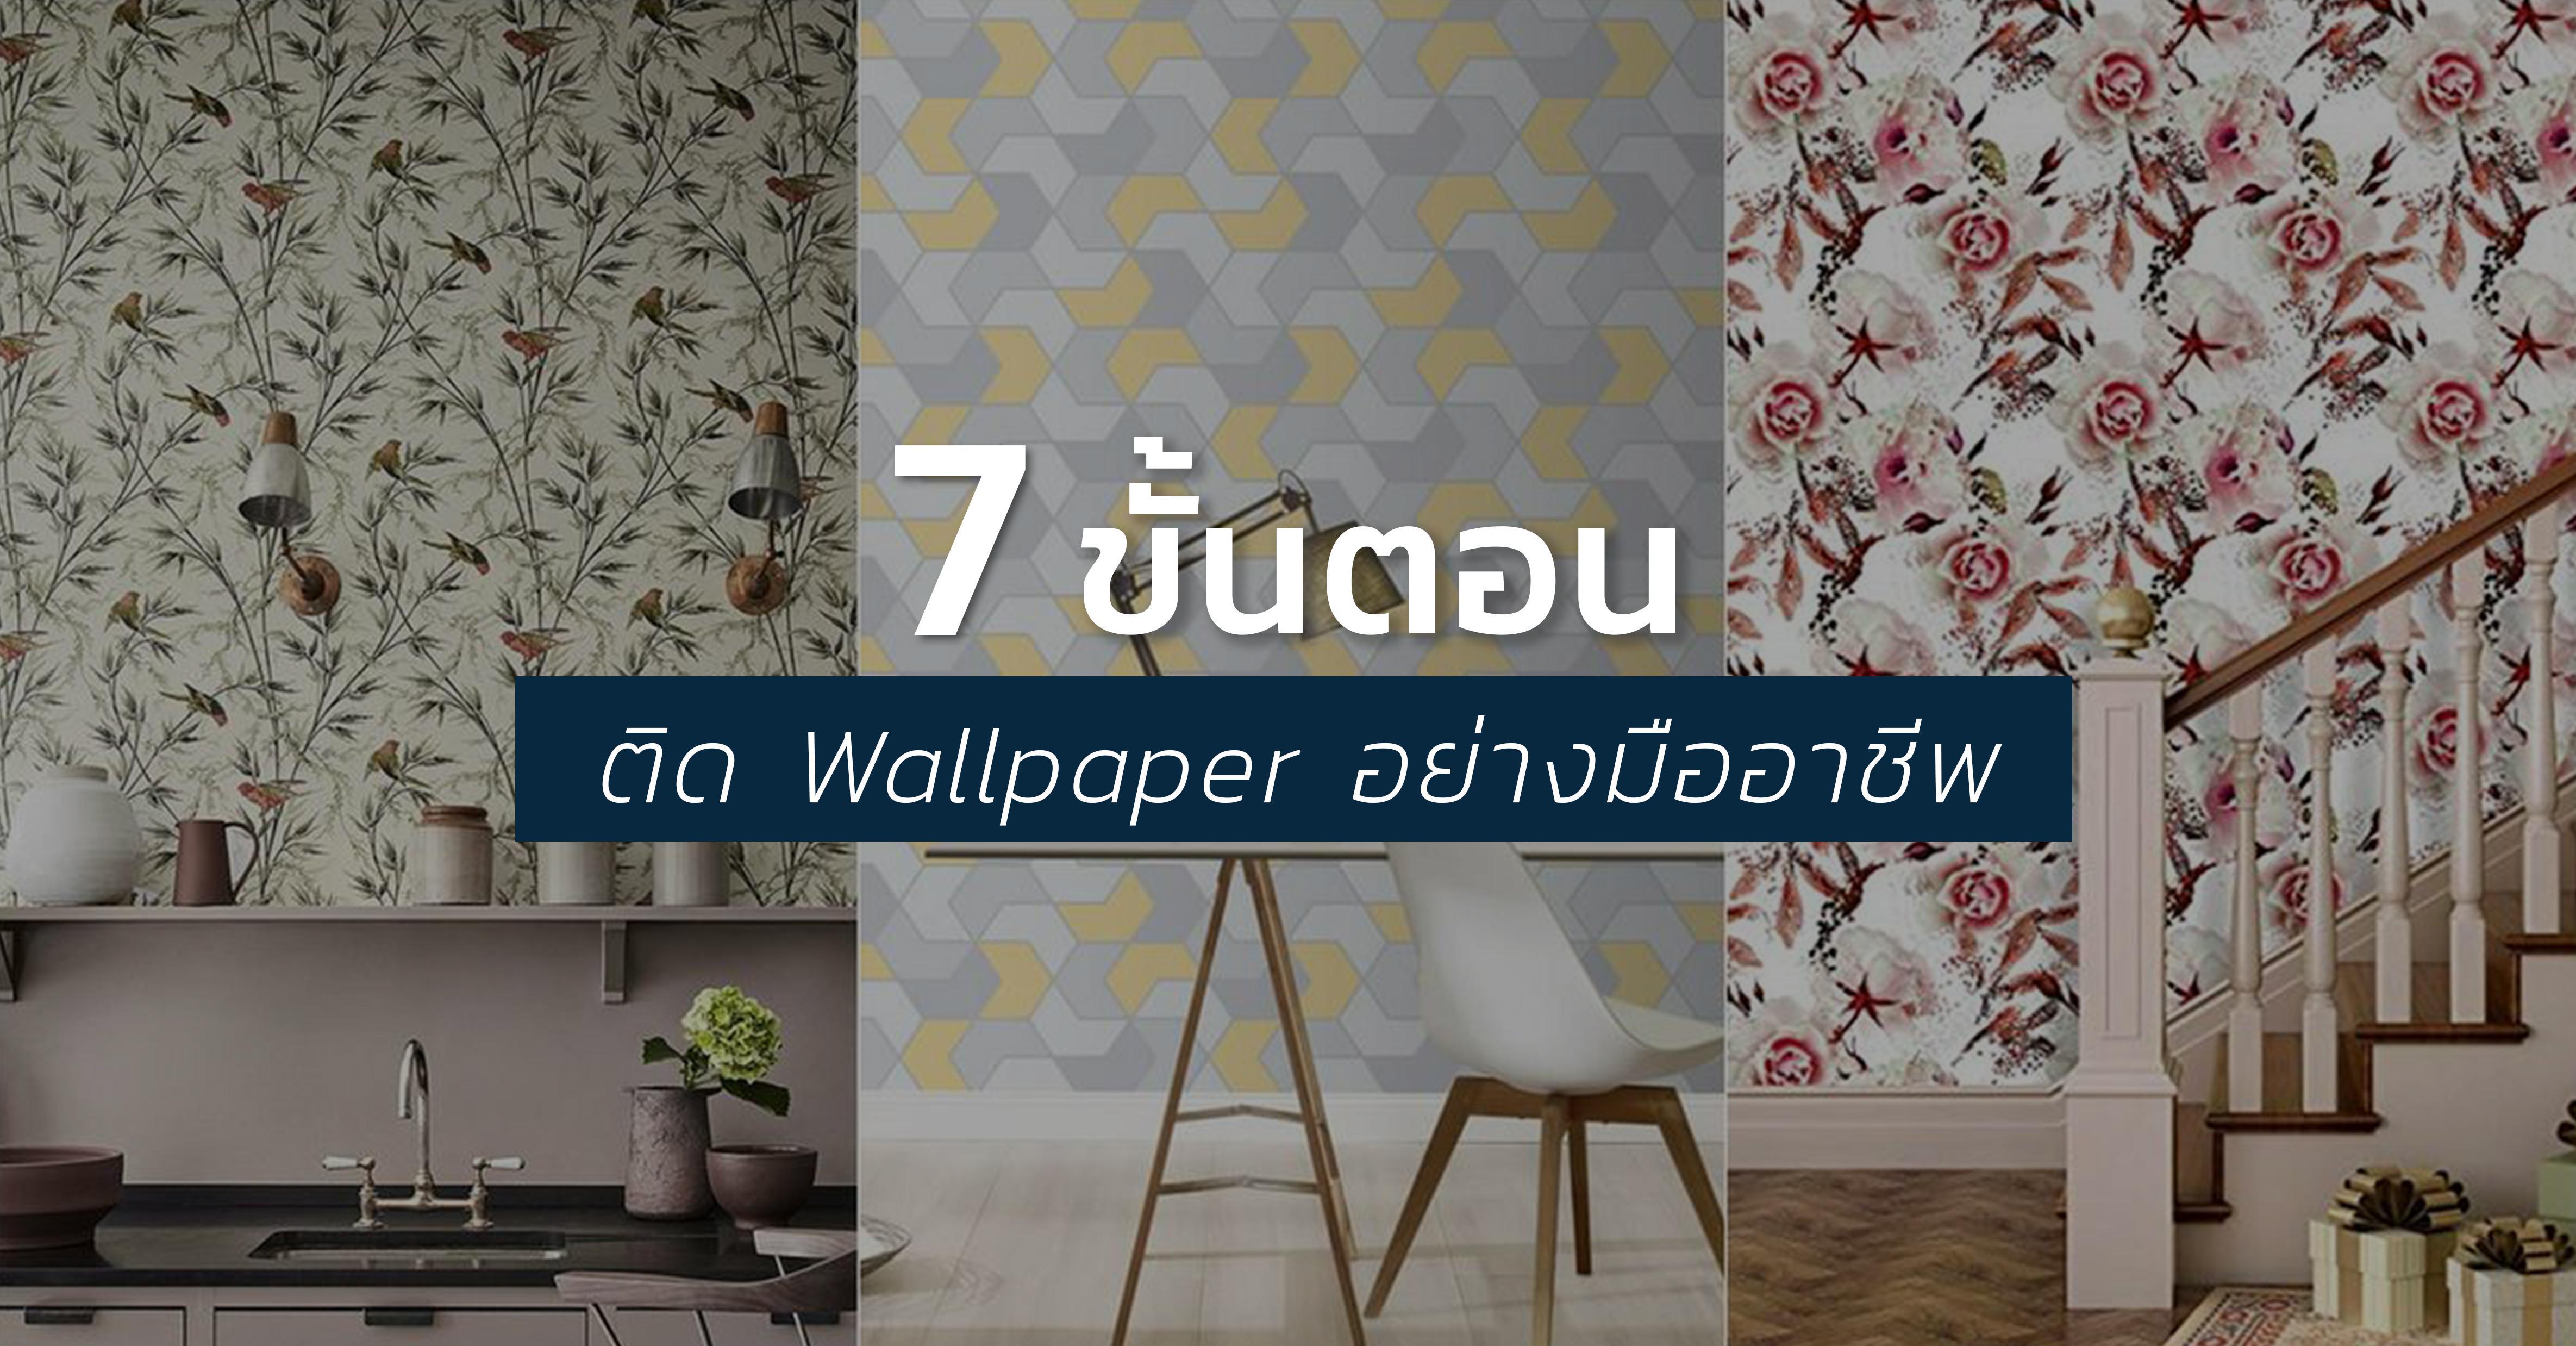 รูปบทความ 7 ขั้นตอน ติด Wallpaper อย่างไรให้เหมือนมืออาชีพ